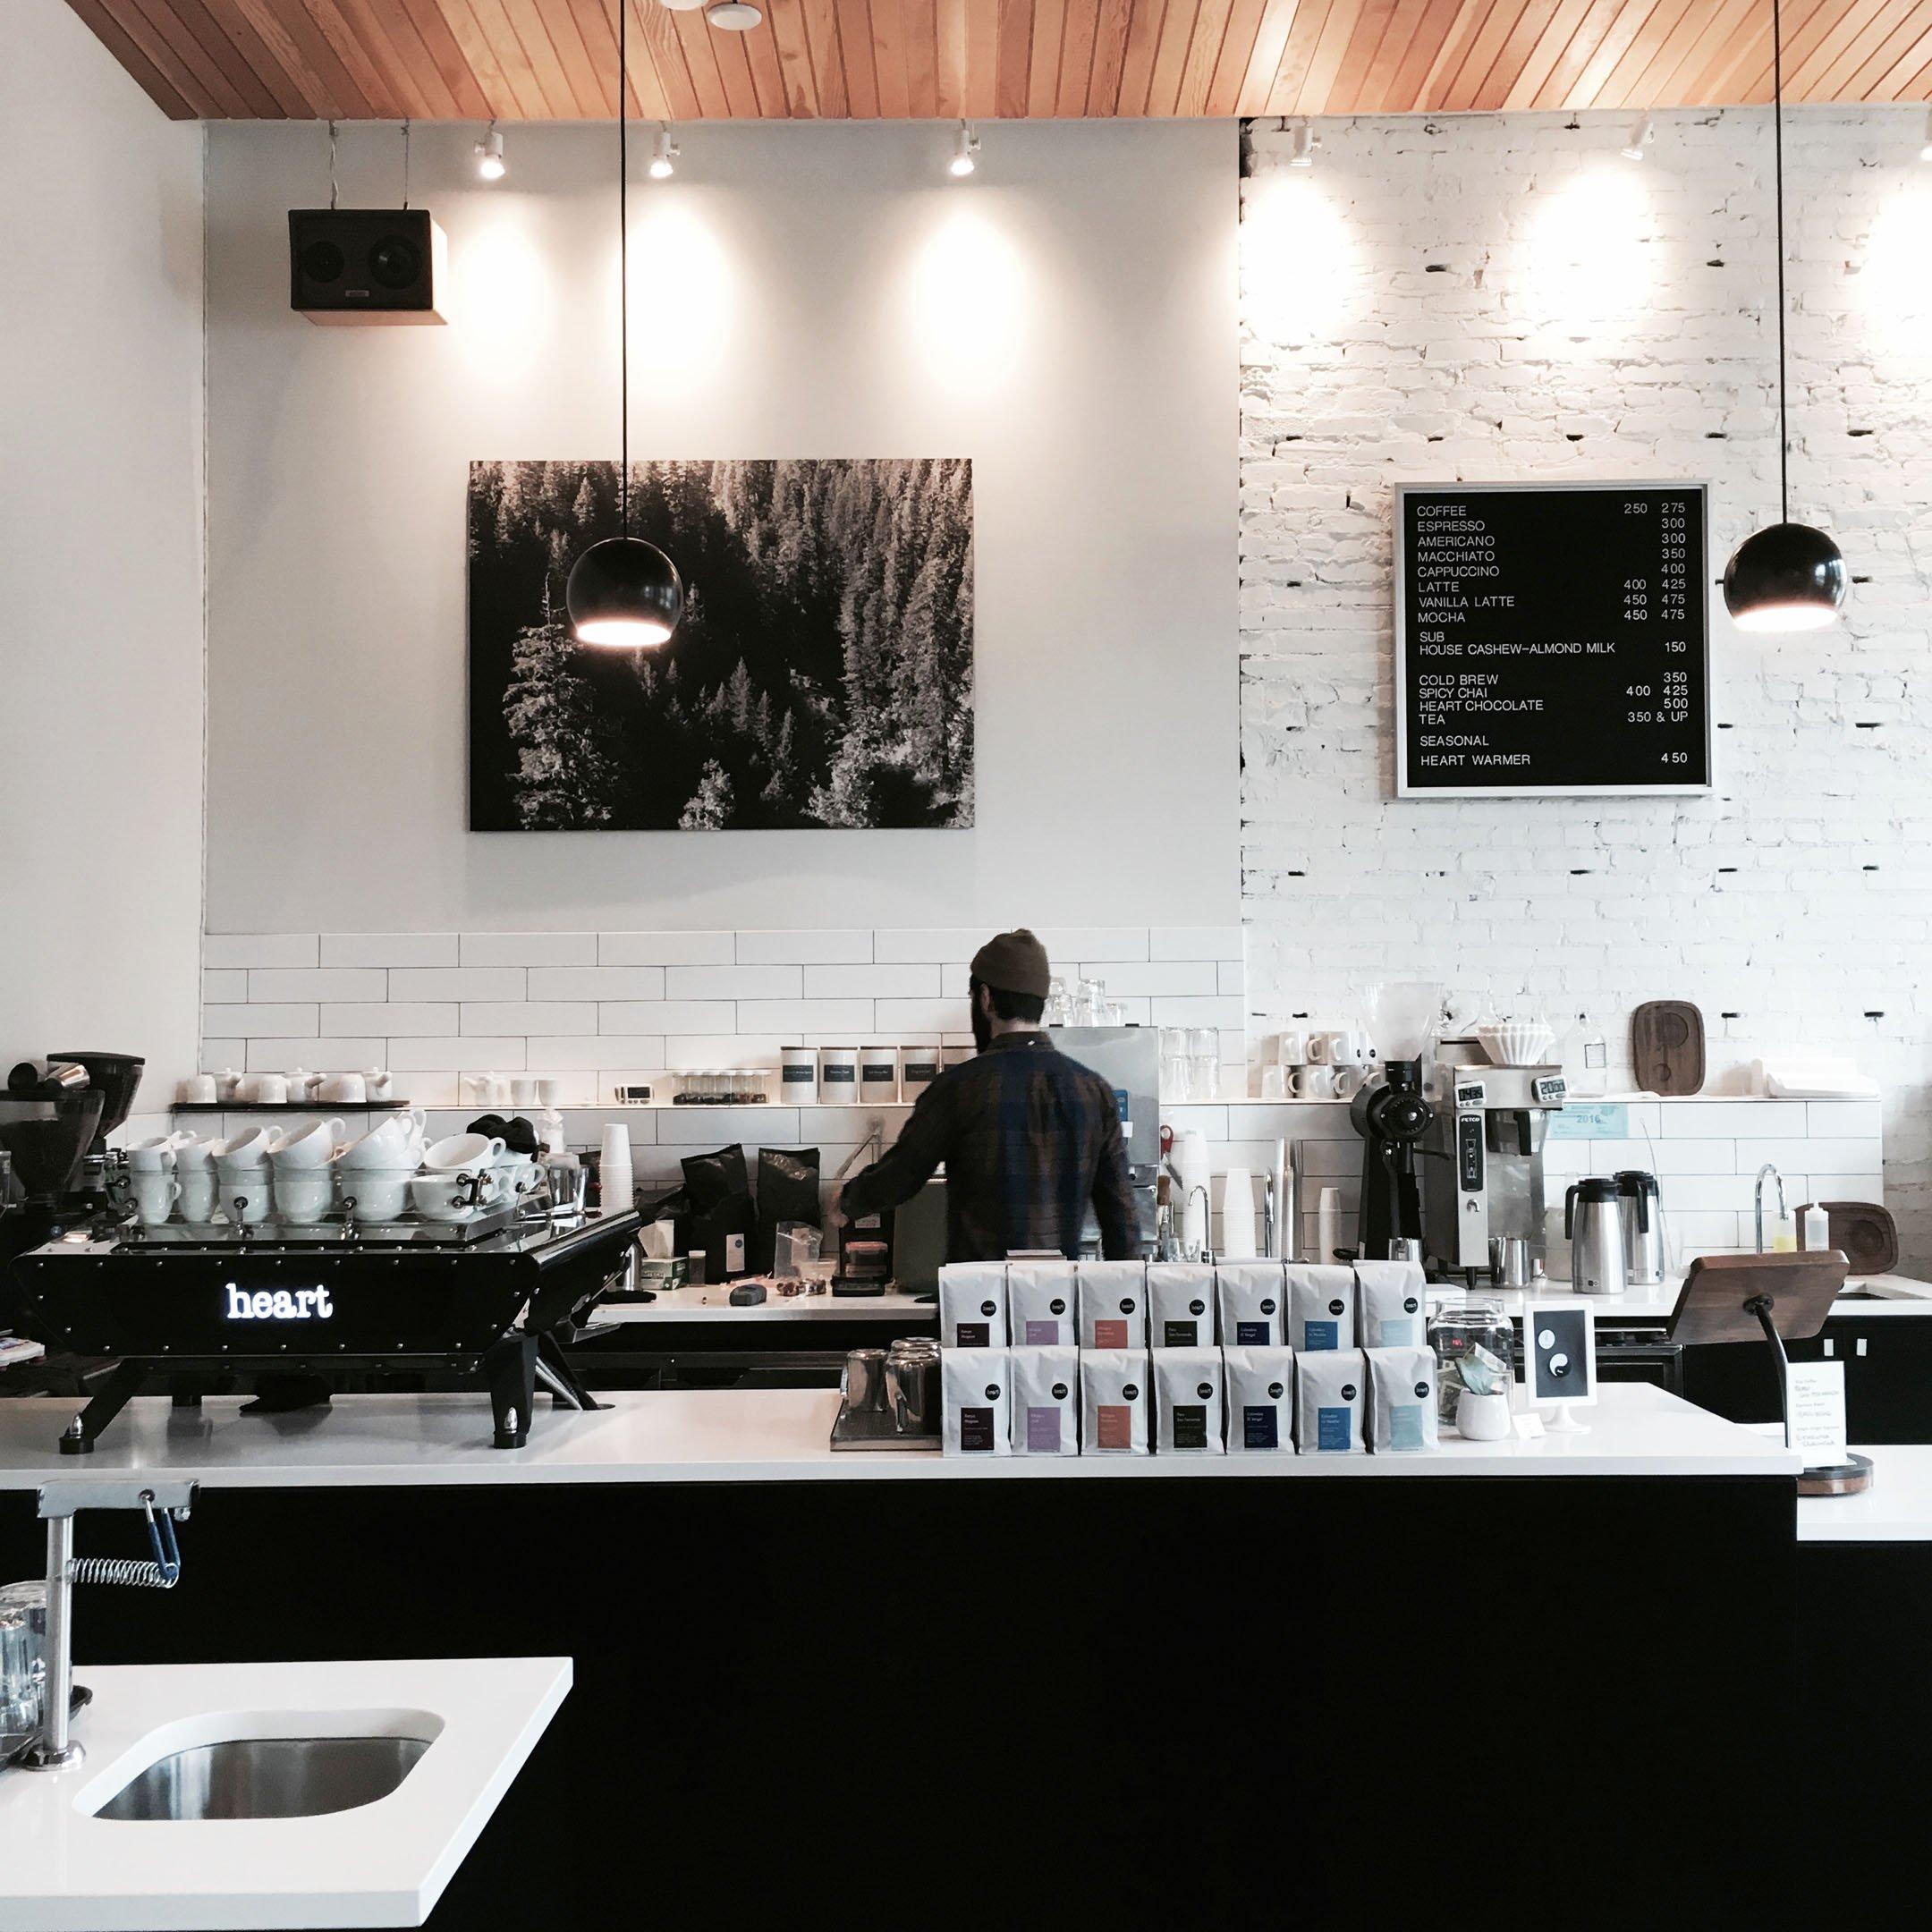 best-coffee-shops-portland-oregon-heart-coffee